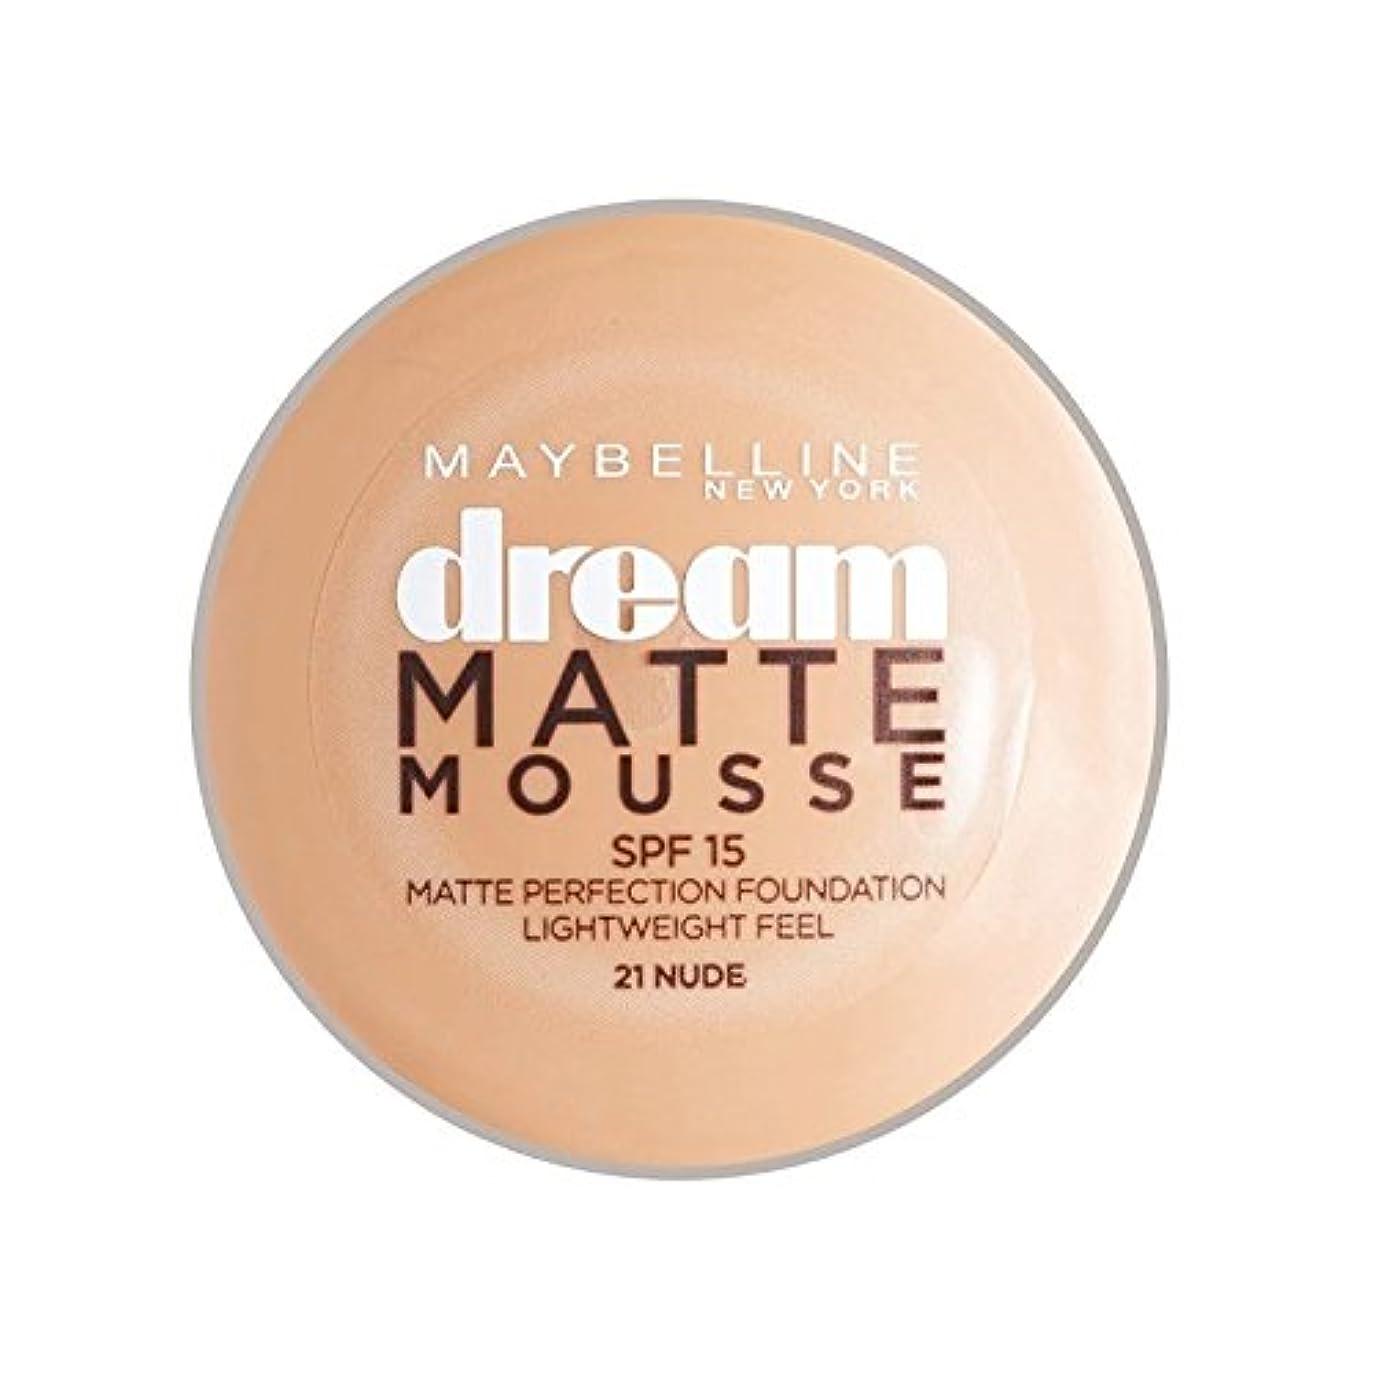 摂動抵抗唇メイベリン夢マットムース土台21ヌード10ミリリットル x4 - Maybelline Dream Matte Mousse Foundation 21 Nude 10ml (Pack of 4) [並行輸入品]